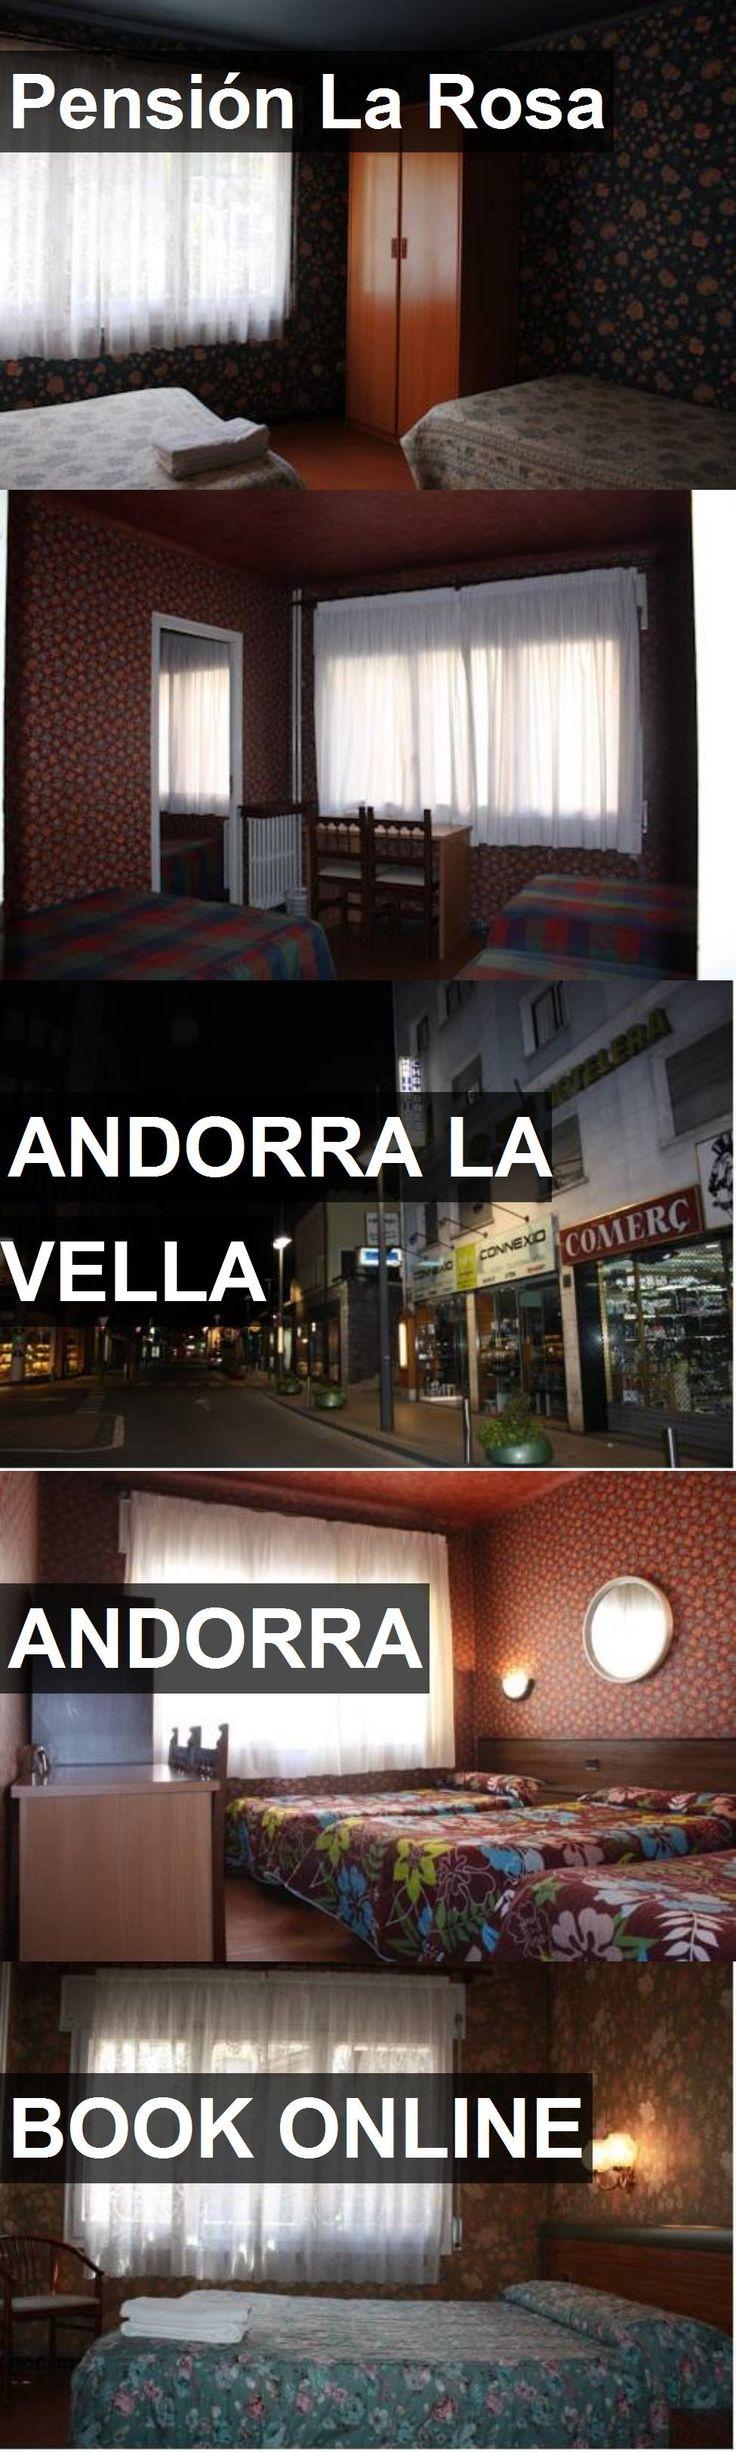 Hotel Pensión La Rosa in Andorra La Vella, Andorra. For more information, photos, reviews and best prices please follow the link. #Andorra #AndorraLaVella #PensiónLaRosa #hotel #travel #vacation